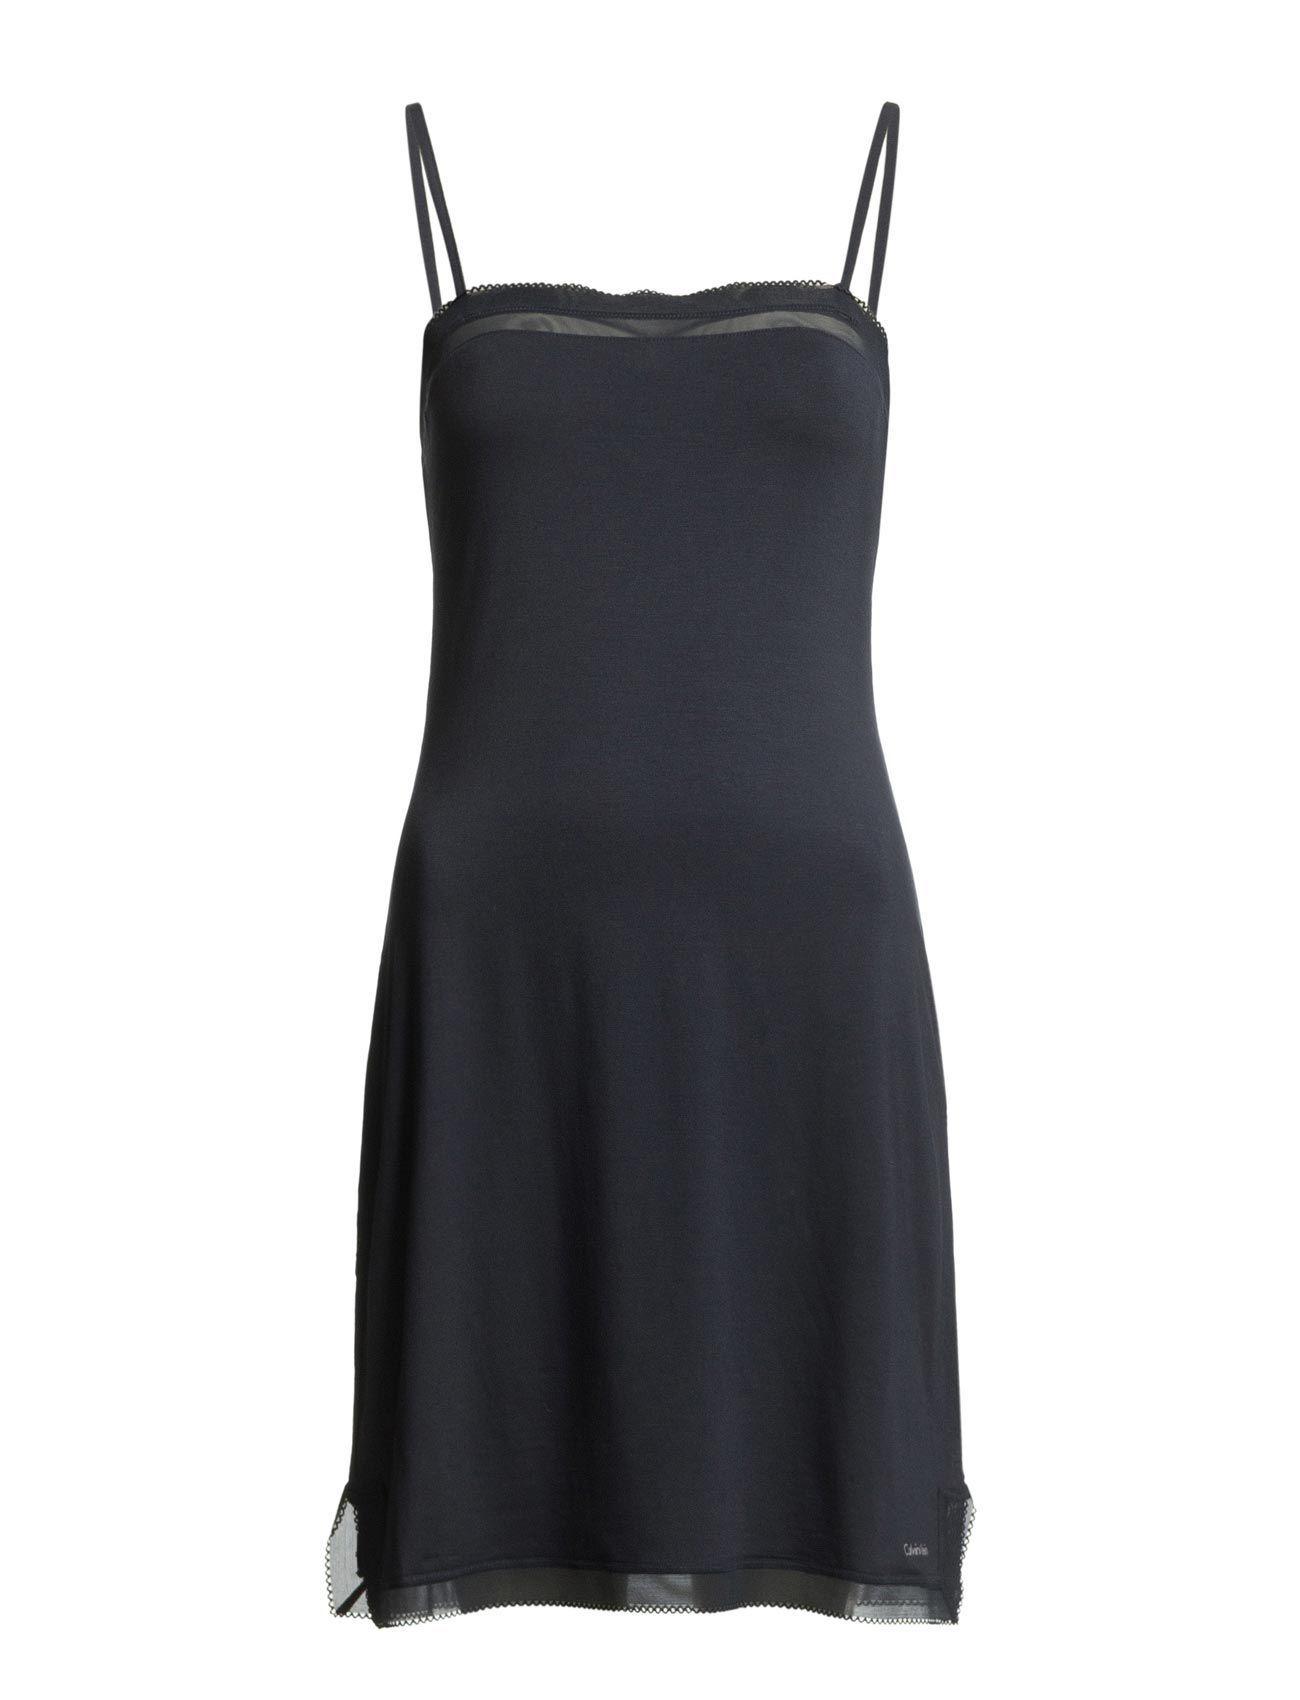 Chemise (Speakeasy) (37.80 €) - Calvin Klein - Nightwear | Boozt.com